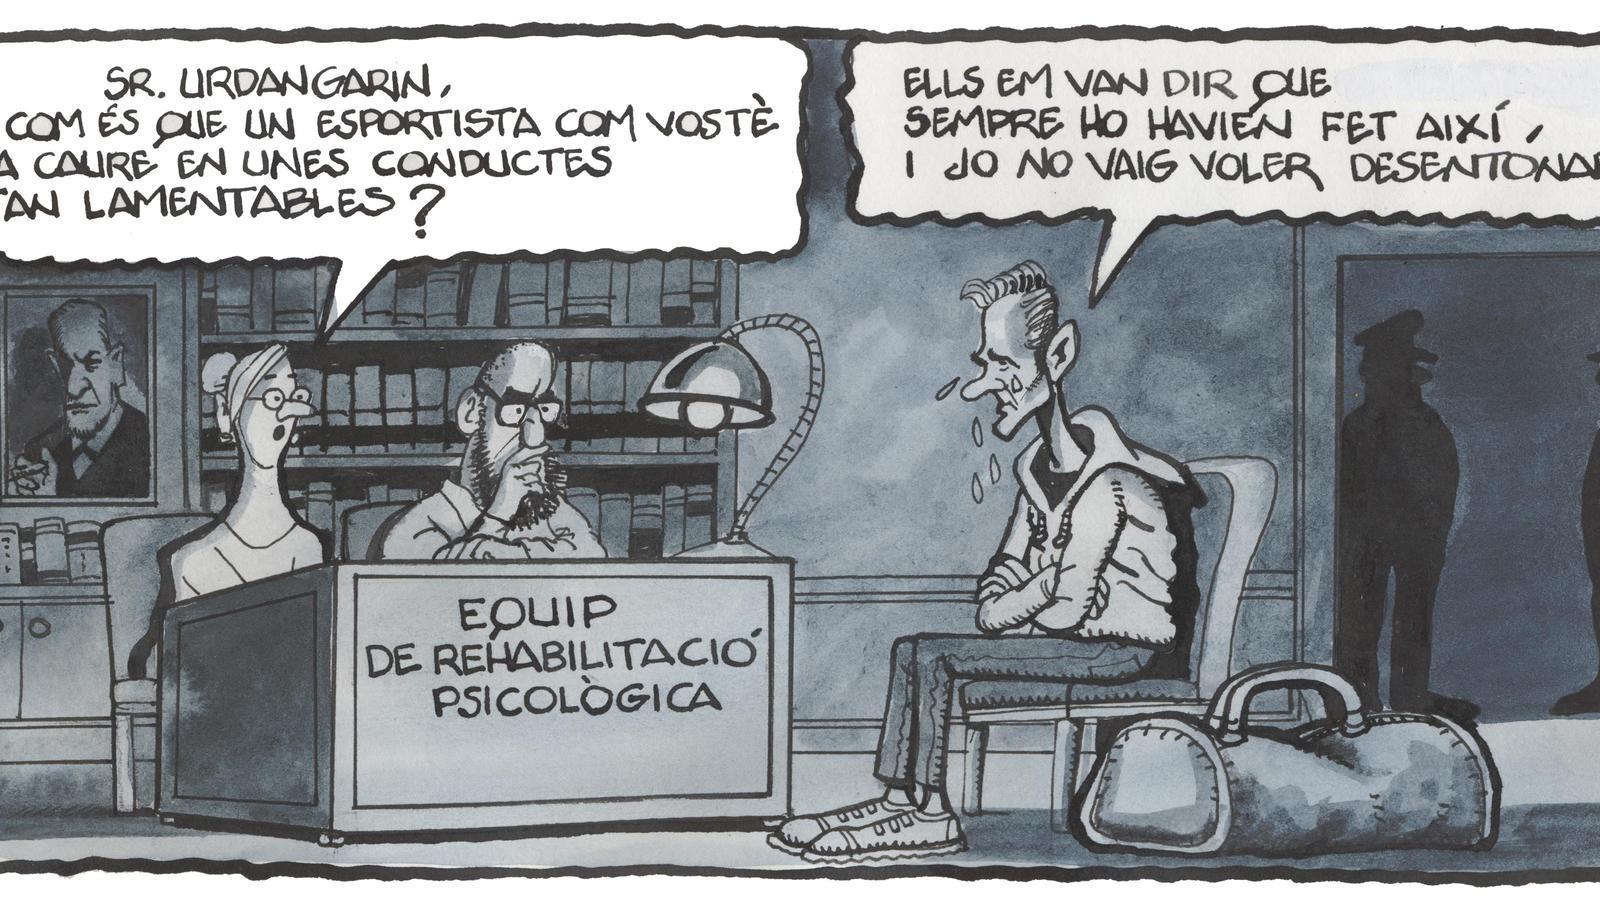 'A la contra', per Ferreres 14/01/2021